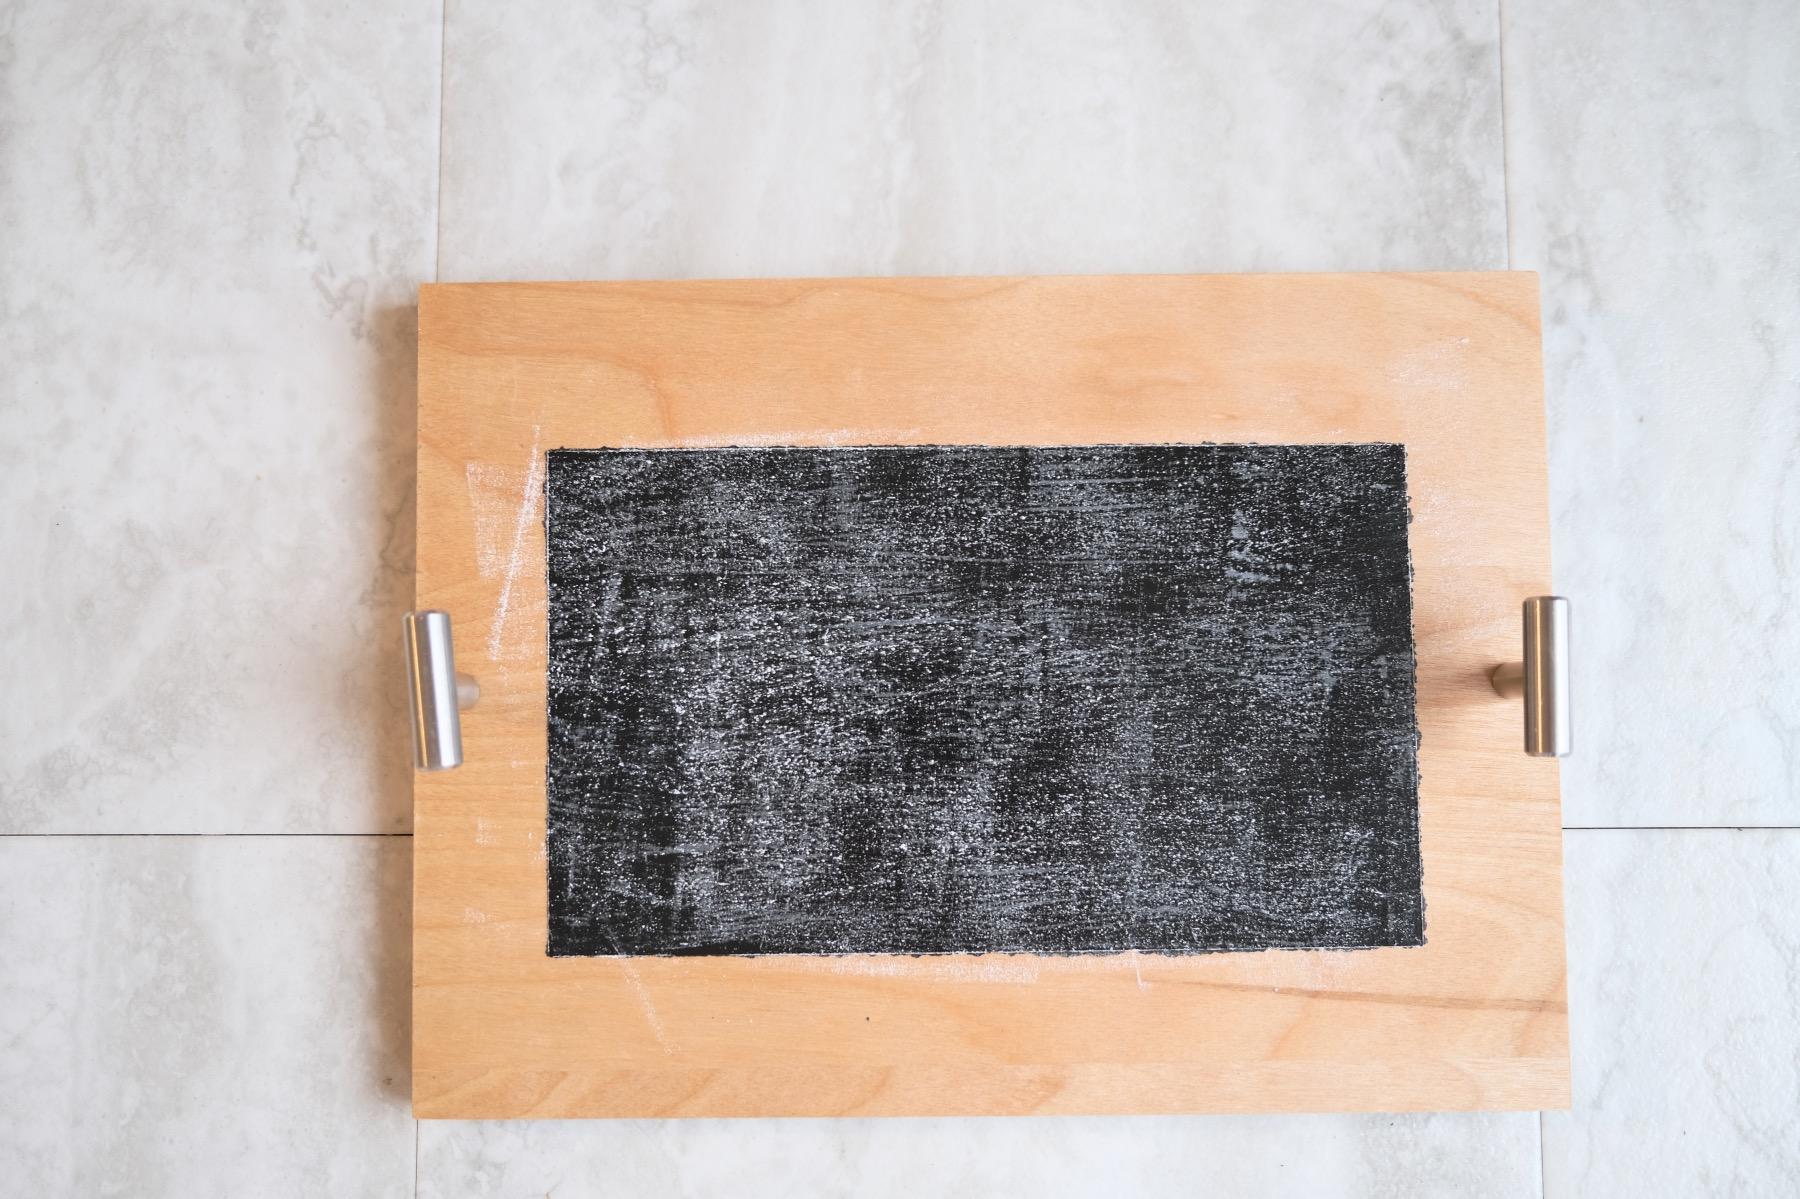 dry chalk coating a chalkboard to season it